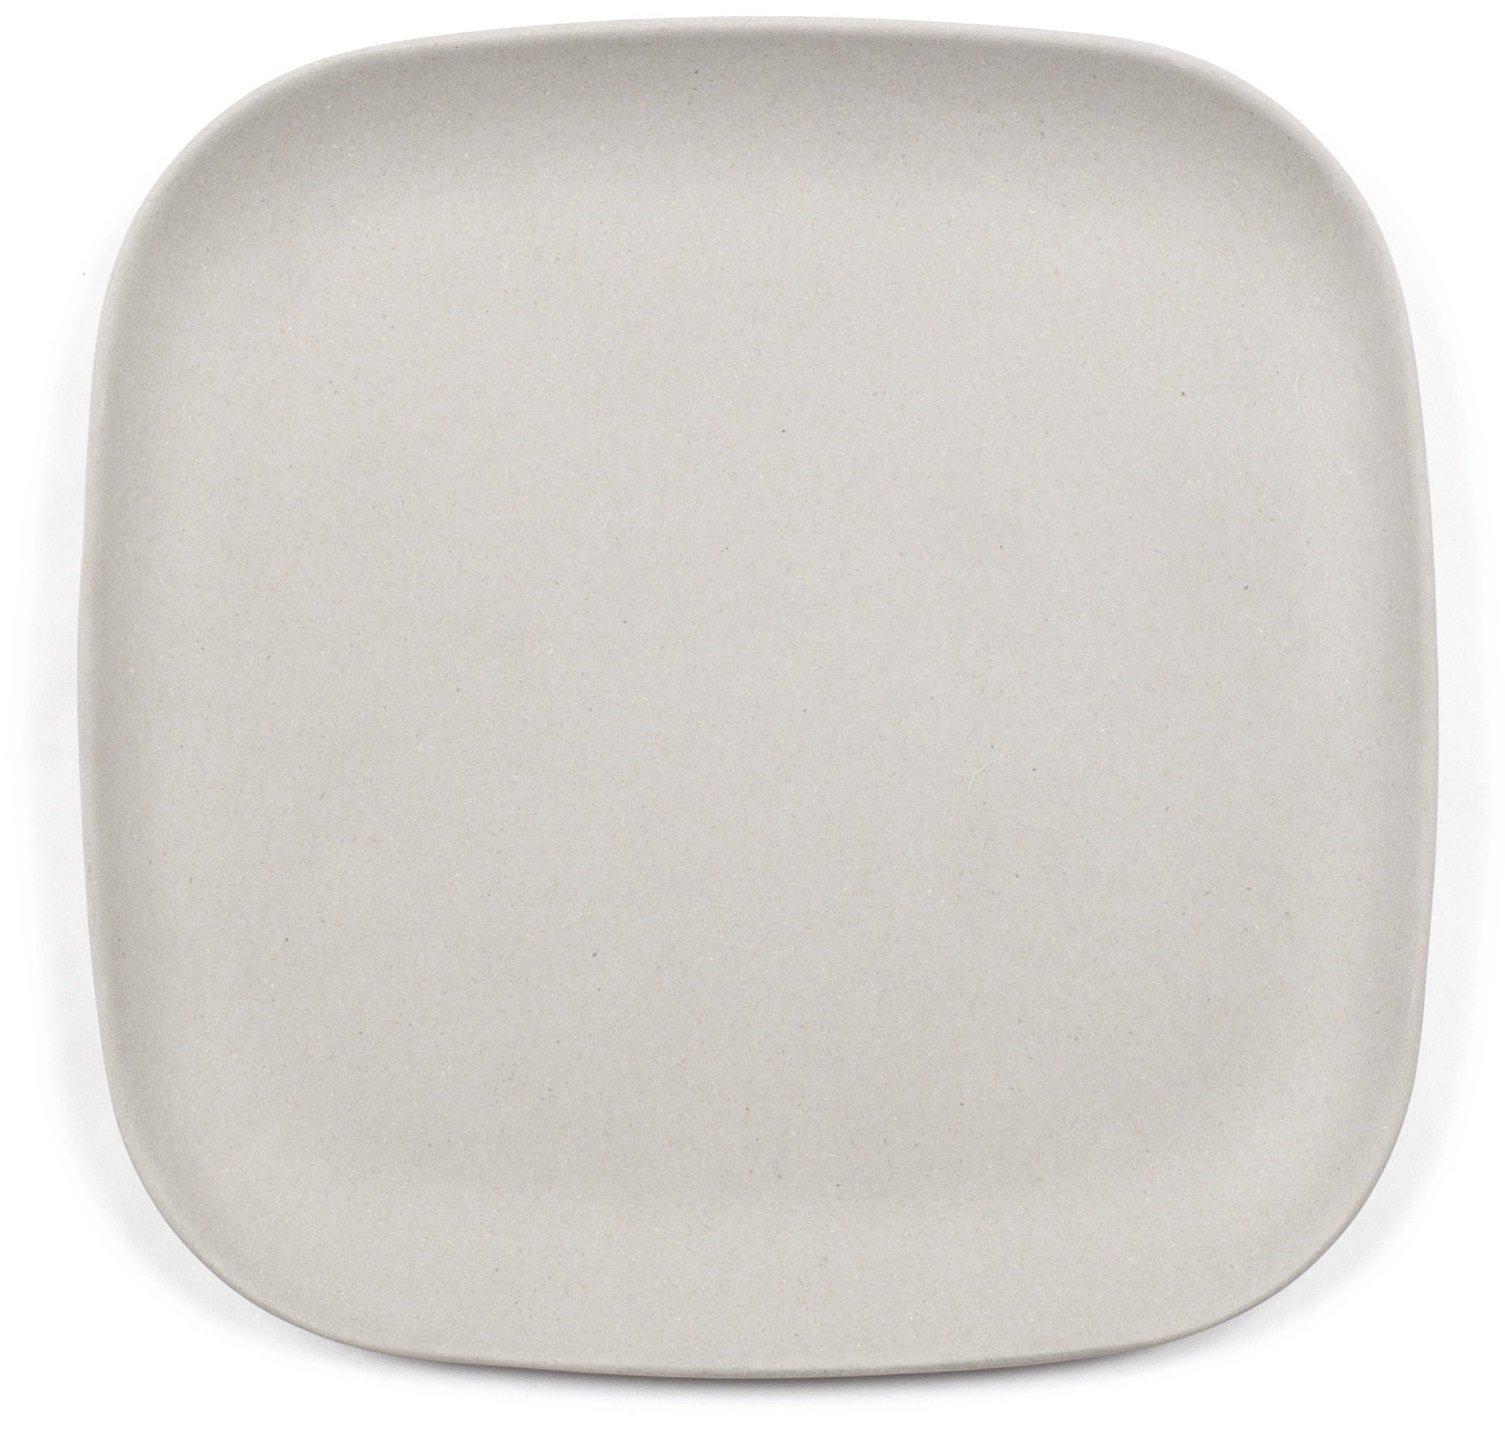 Bamboozle 9.5'' Elegant Bamboo Lunch Plates (4 Plates, Grey)